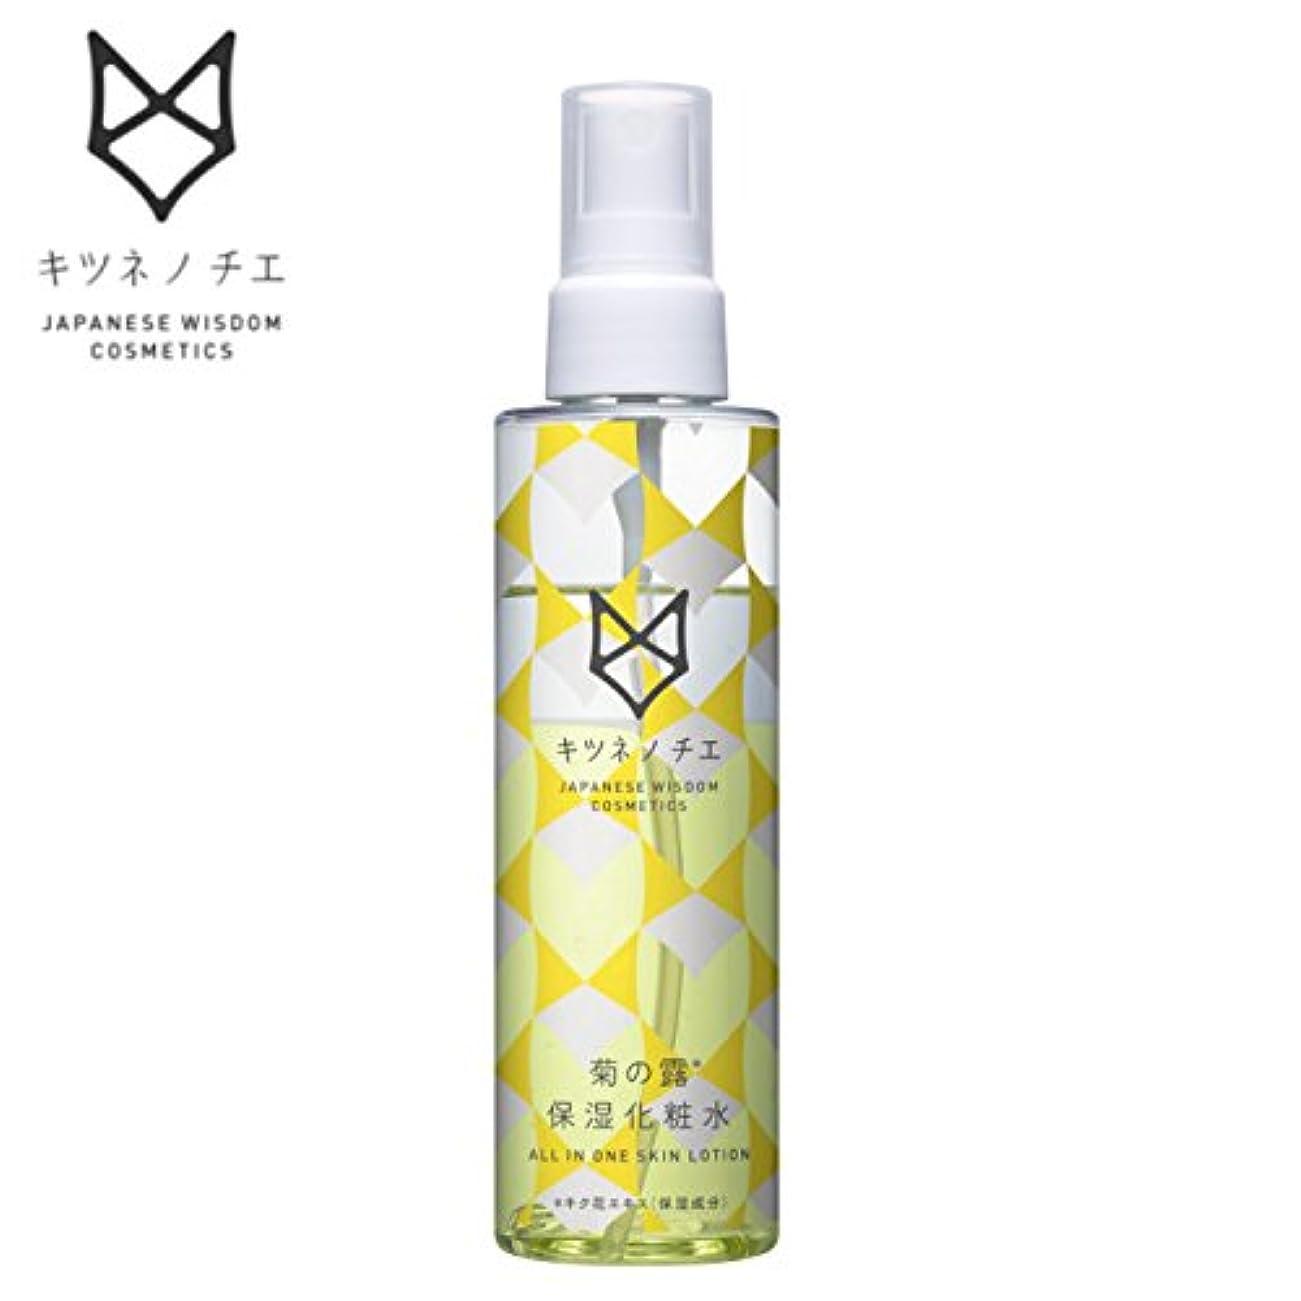 泣くキラウエア山監督するキツネノチエ 菊の露 保湿化粧水 W44xD44xH172mm